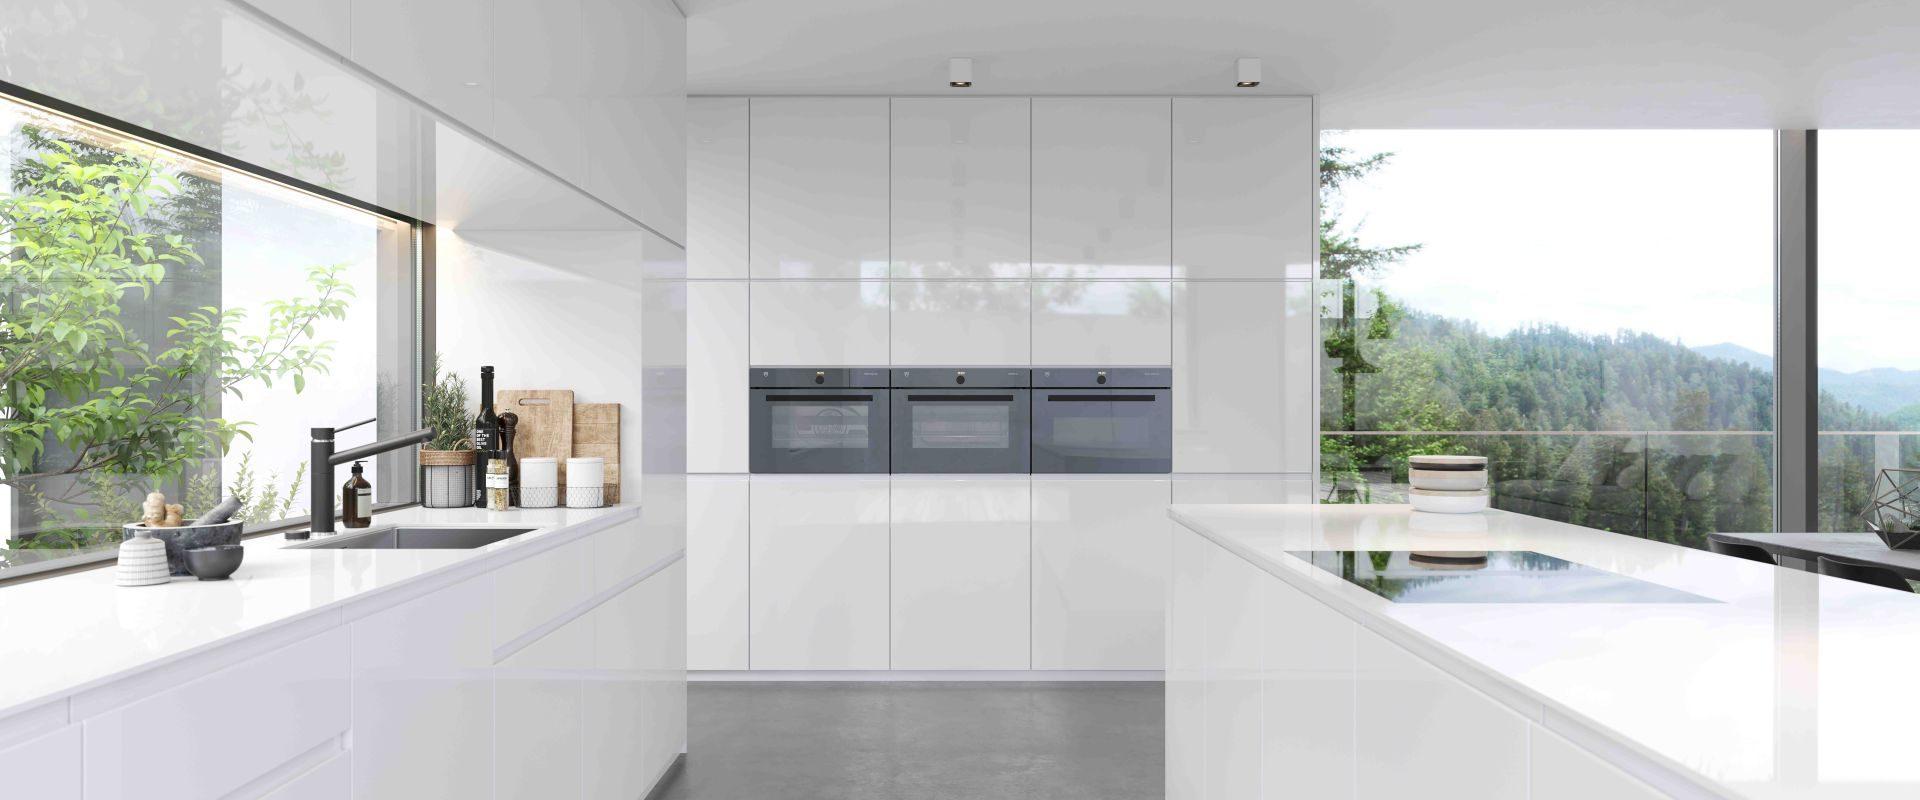 Küchengeräte | Küche von VZUG